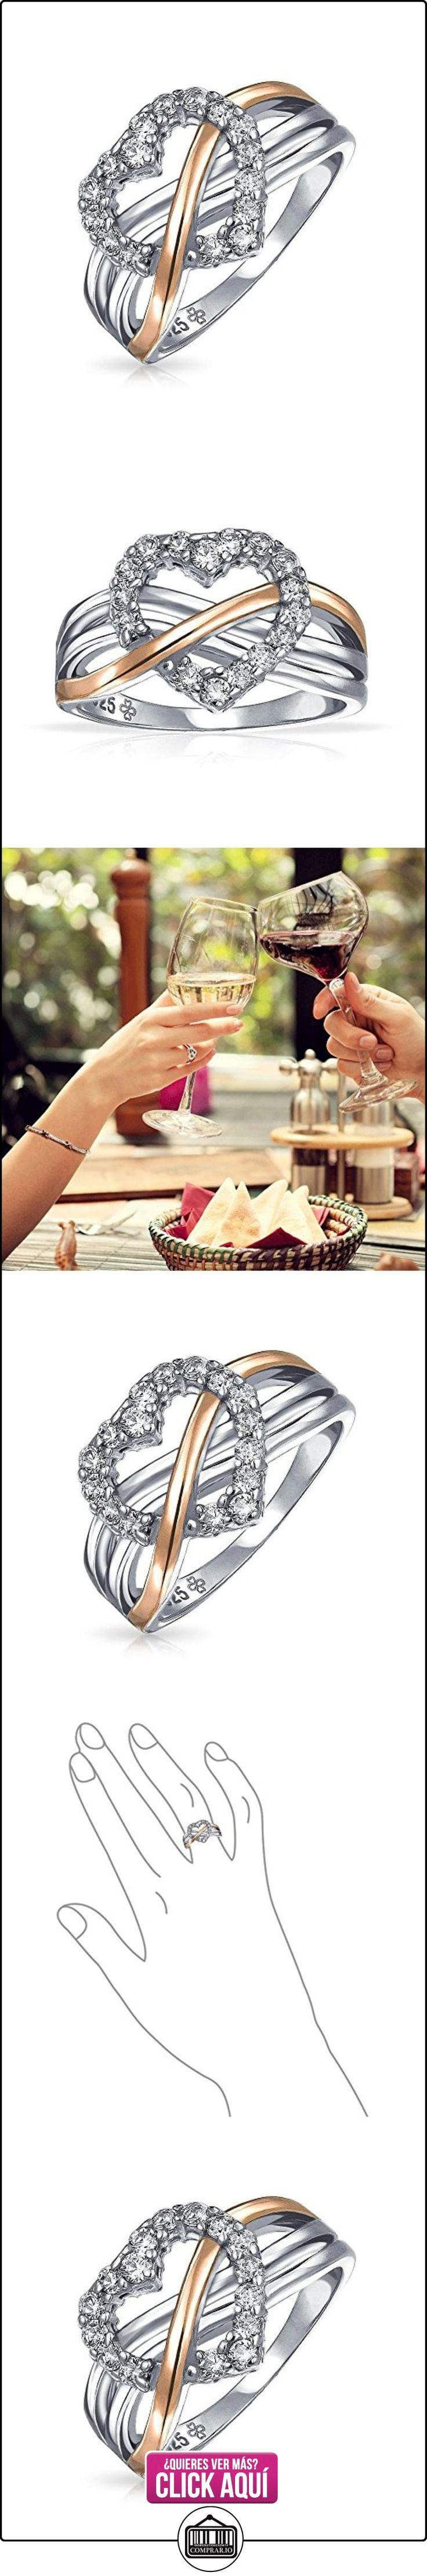 Bling Jewelry Plata Esterlina CZ Corazón Allanar Anillo de Oro Vermeil Acentos  ✿ Joyas para mujer - Las mejores ofertas ✿ ▬► Ver oferta: https://comprar.io/goto/B0041P6Y82